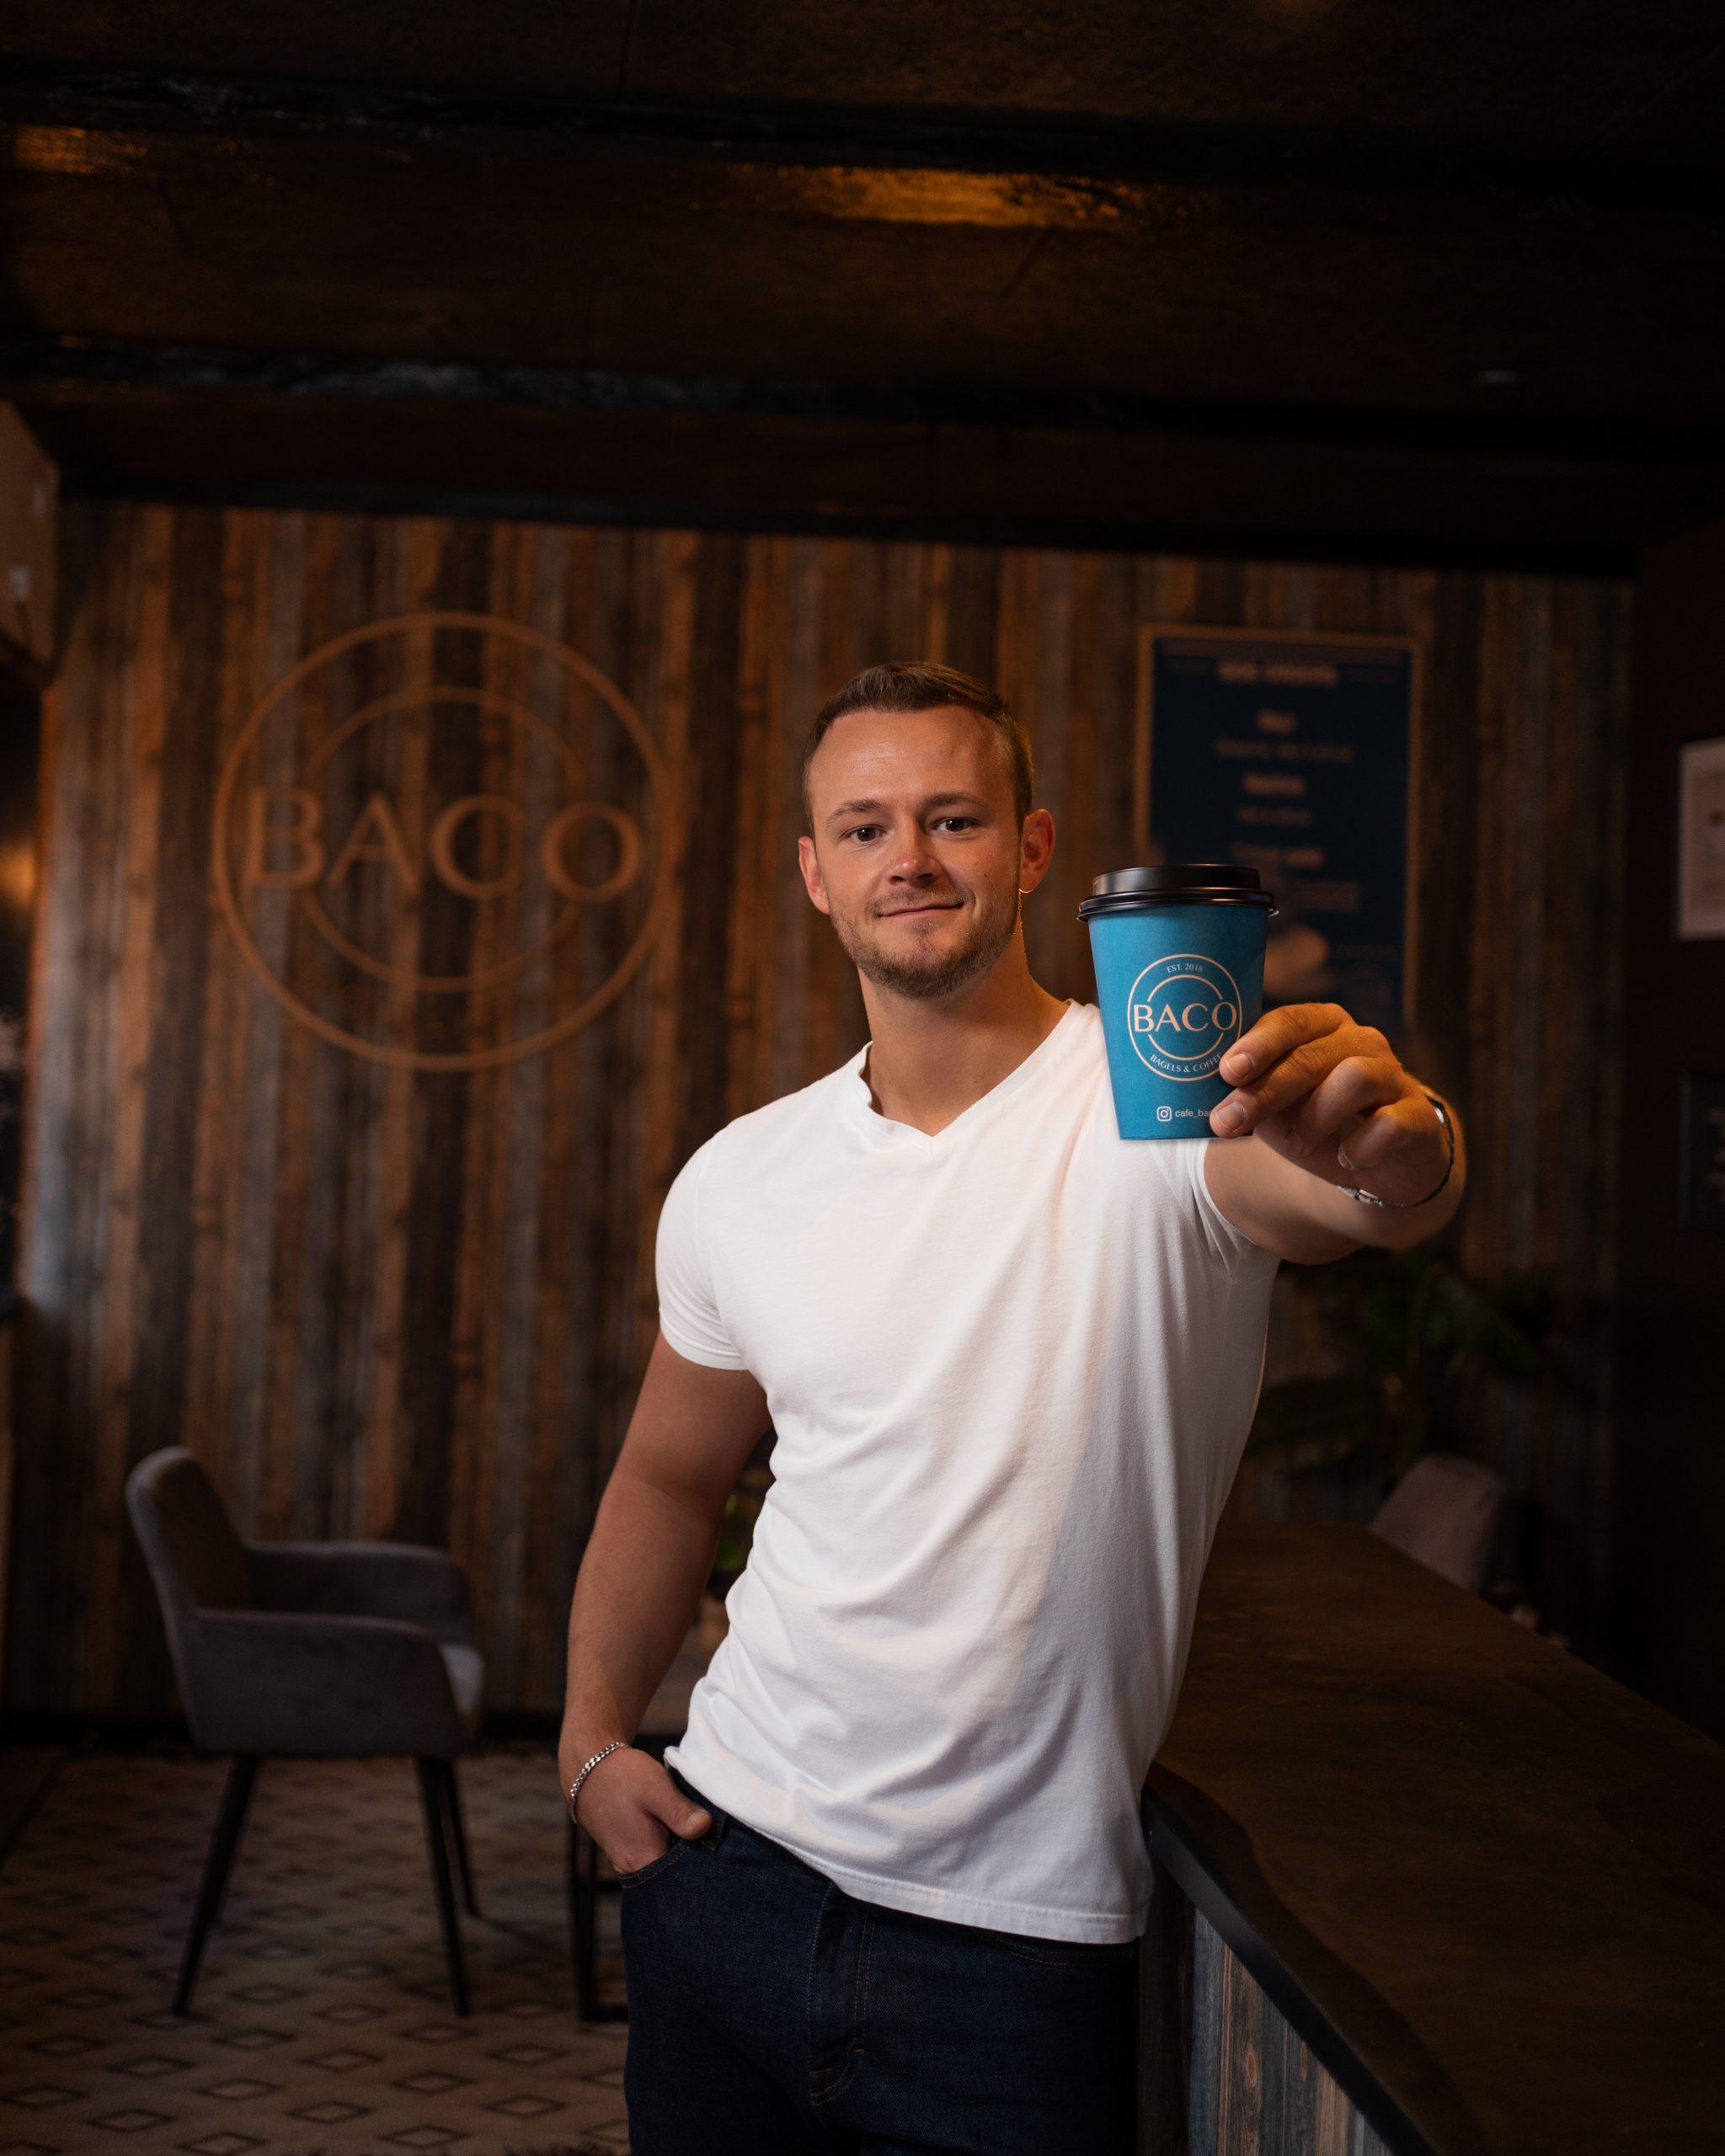 Fejres med gratis kage: BACO åbner ny kaffebar på Havnefronten